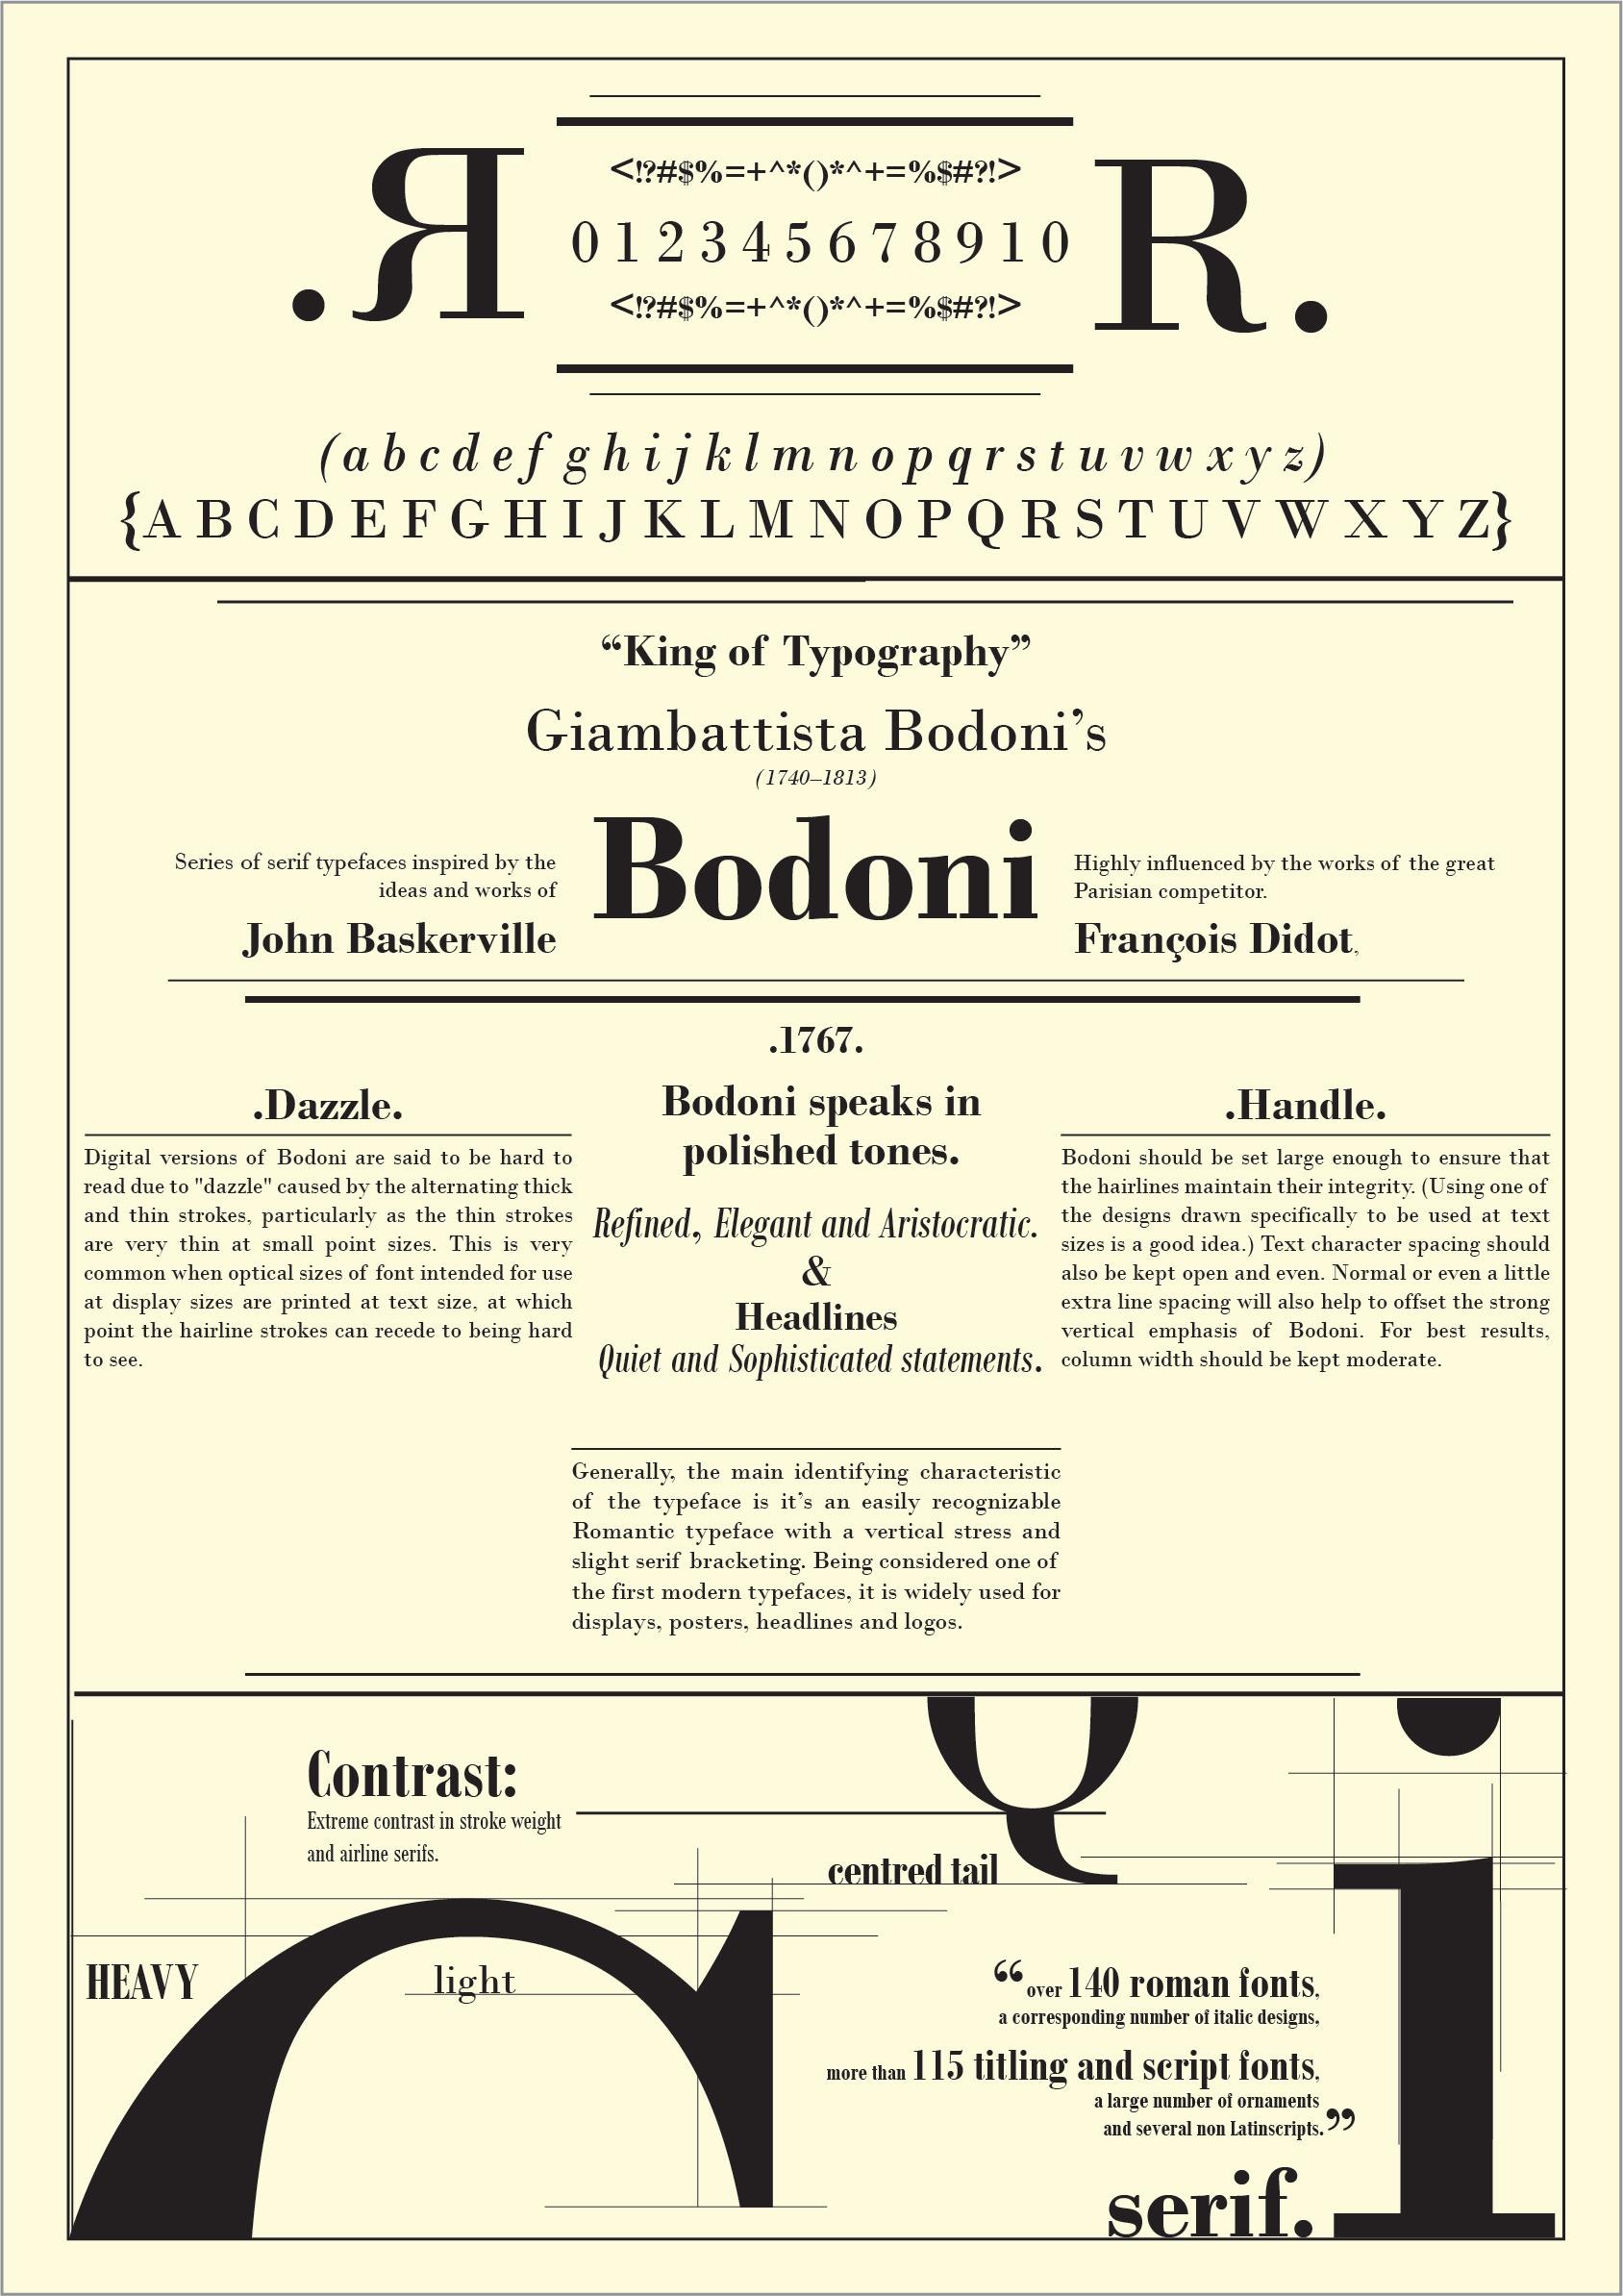 the work of giambattista bodoni a famous typographer